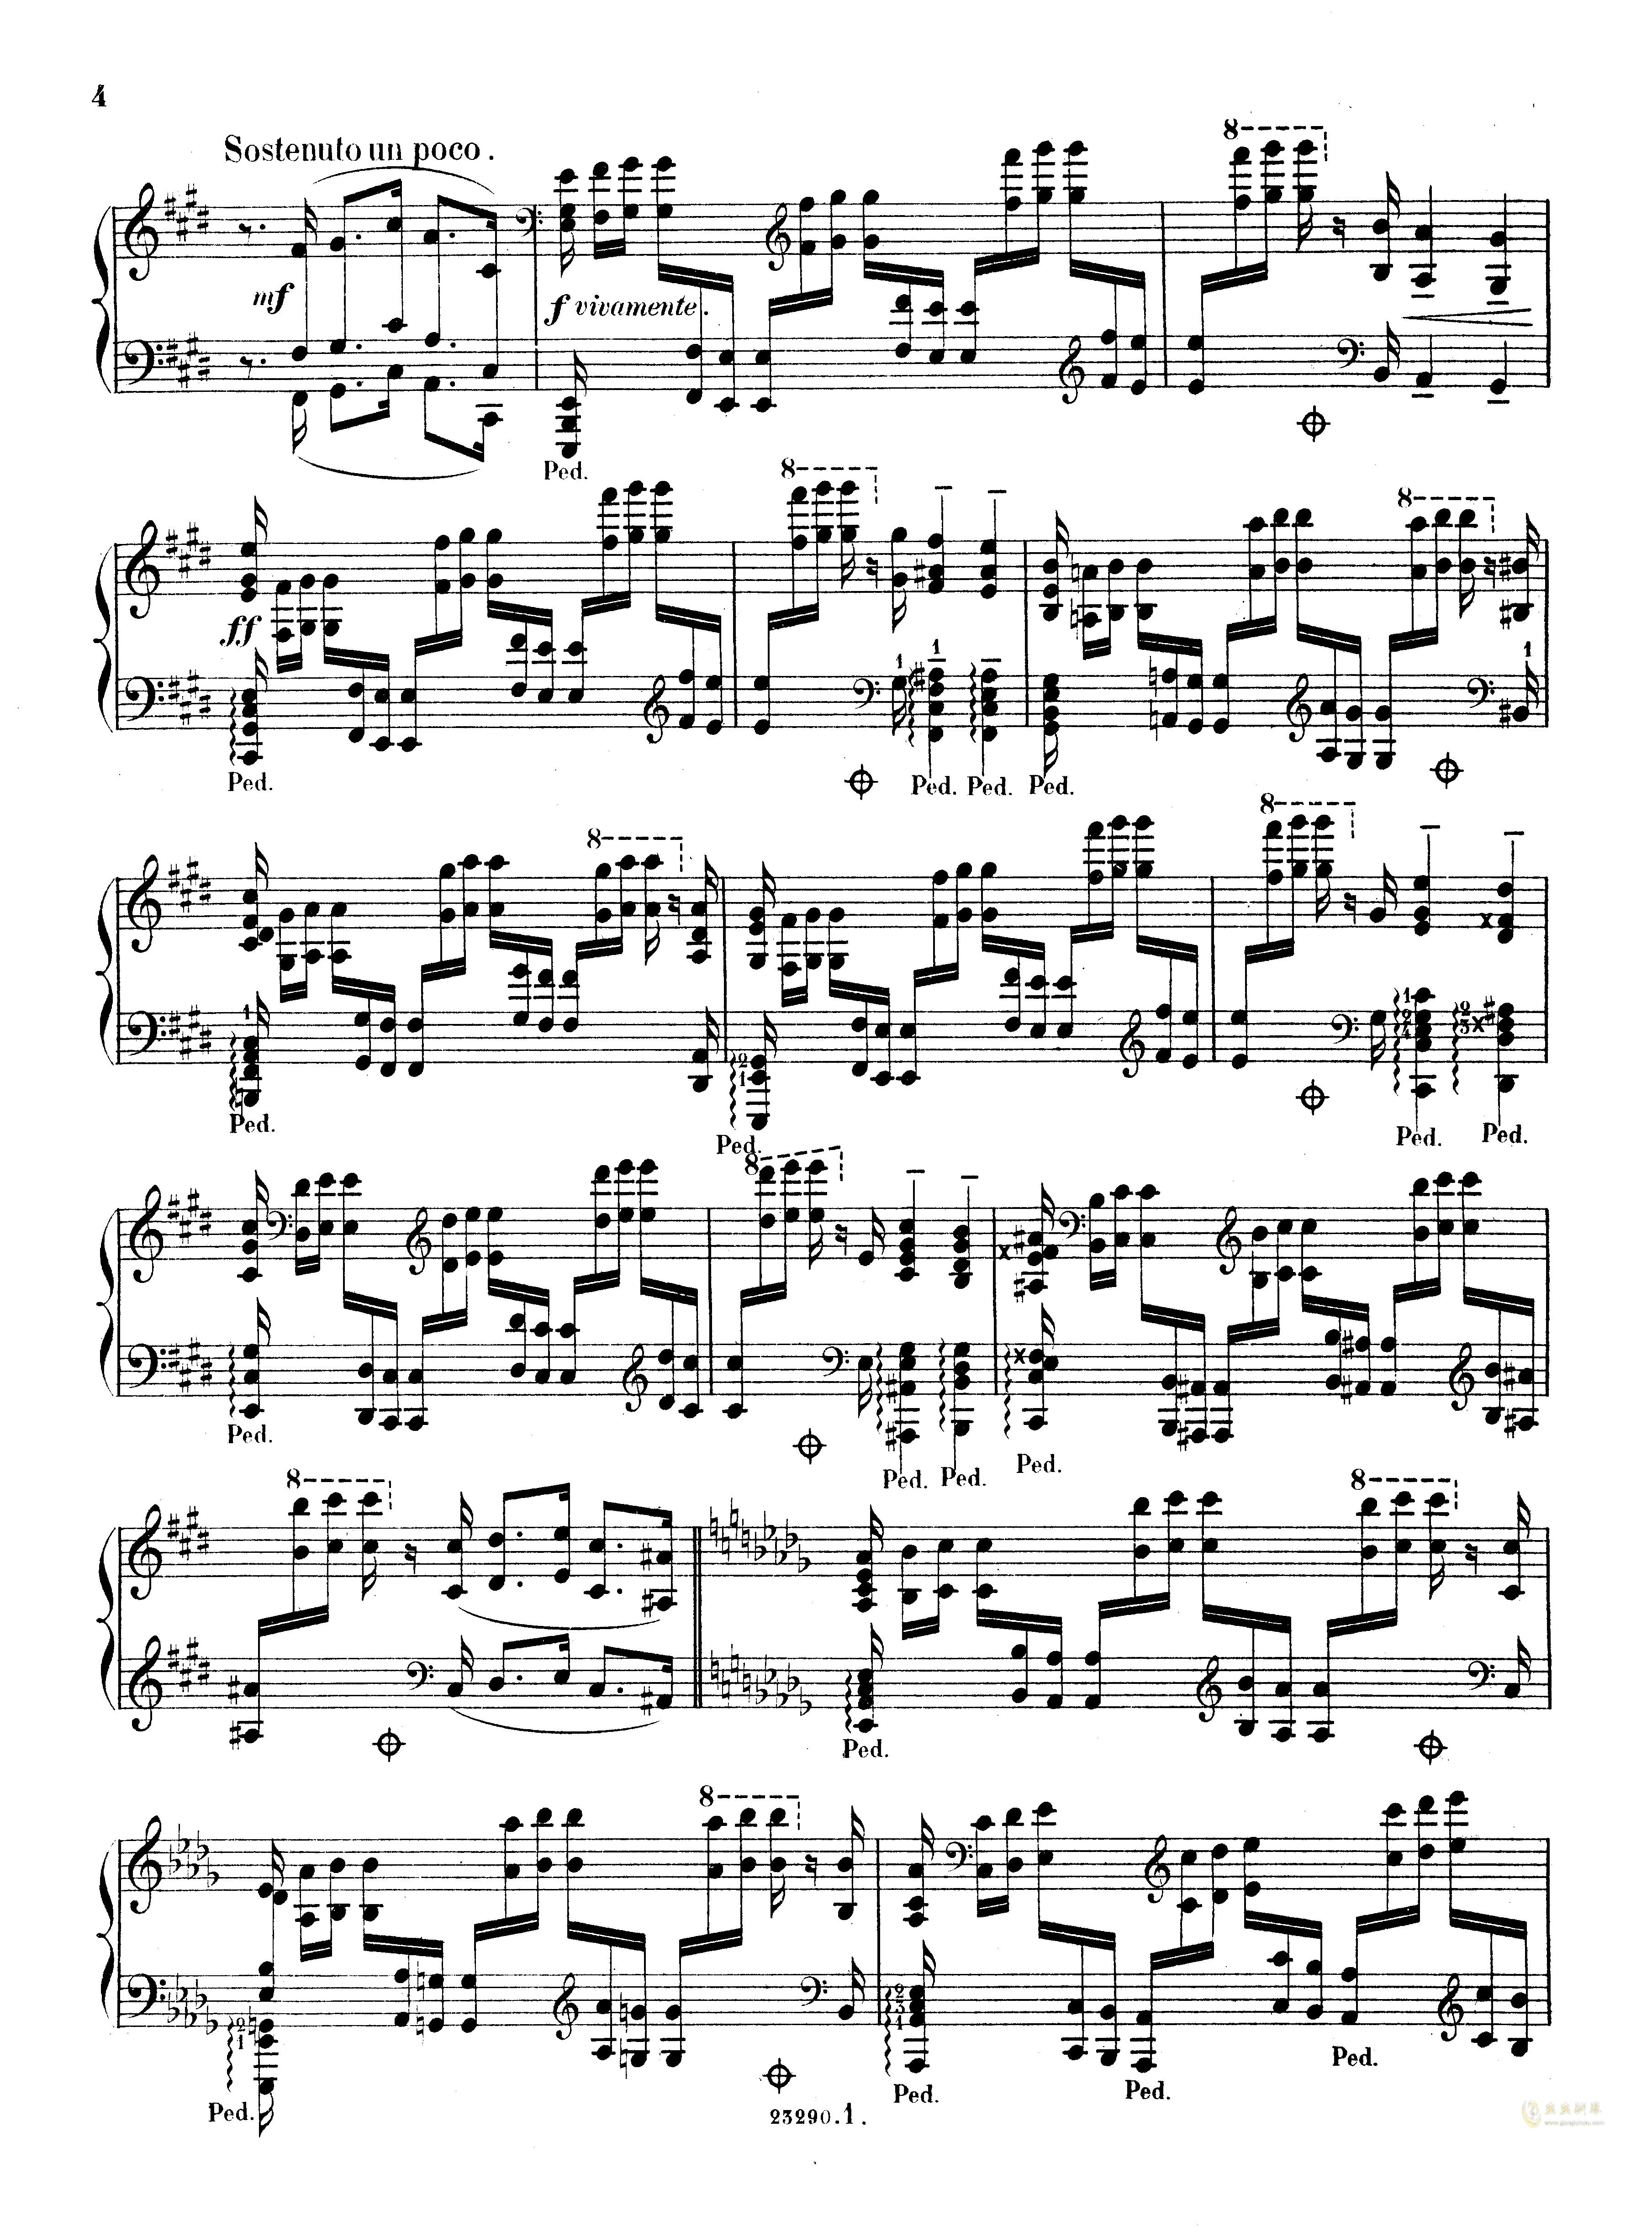 降D大调音乐会练习曲钢琴谱 第4页